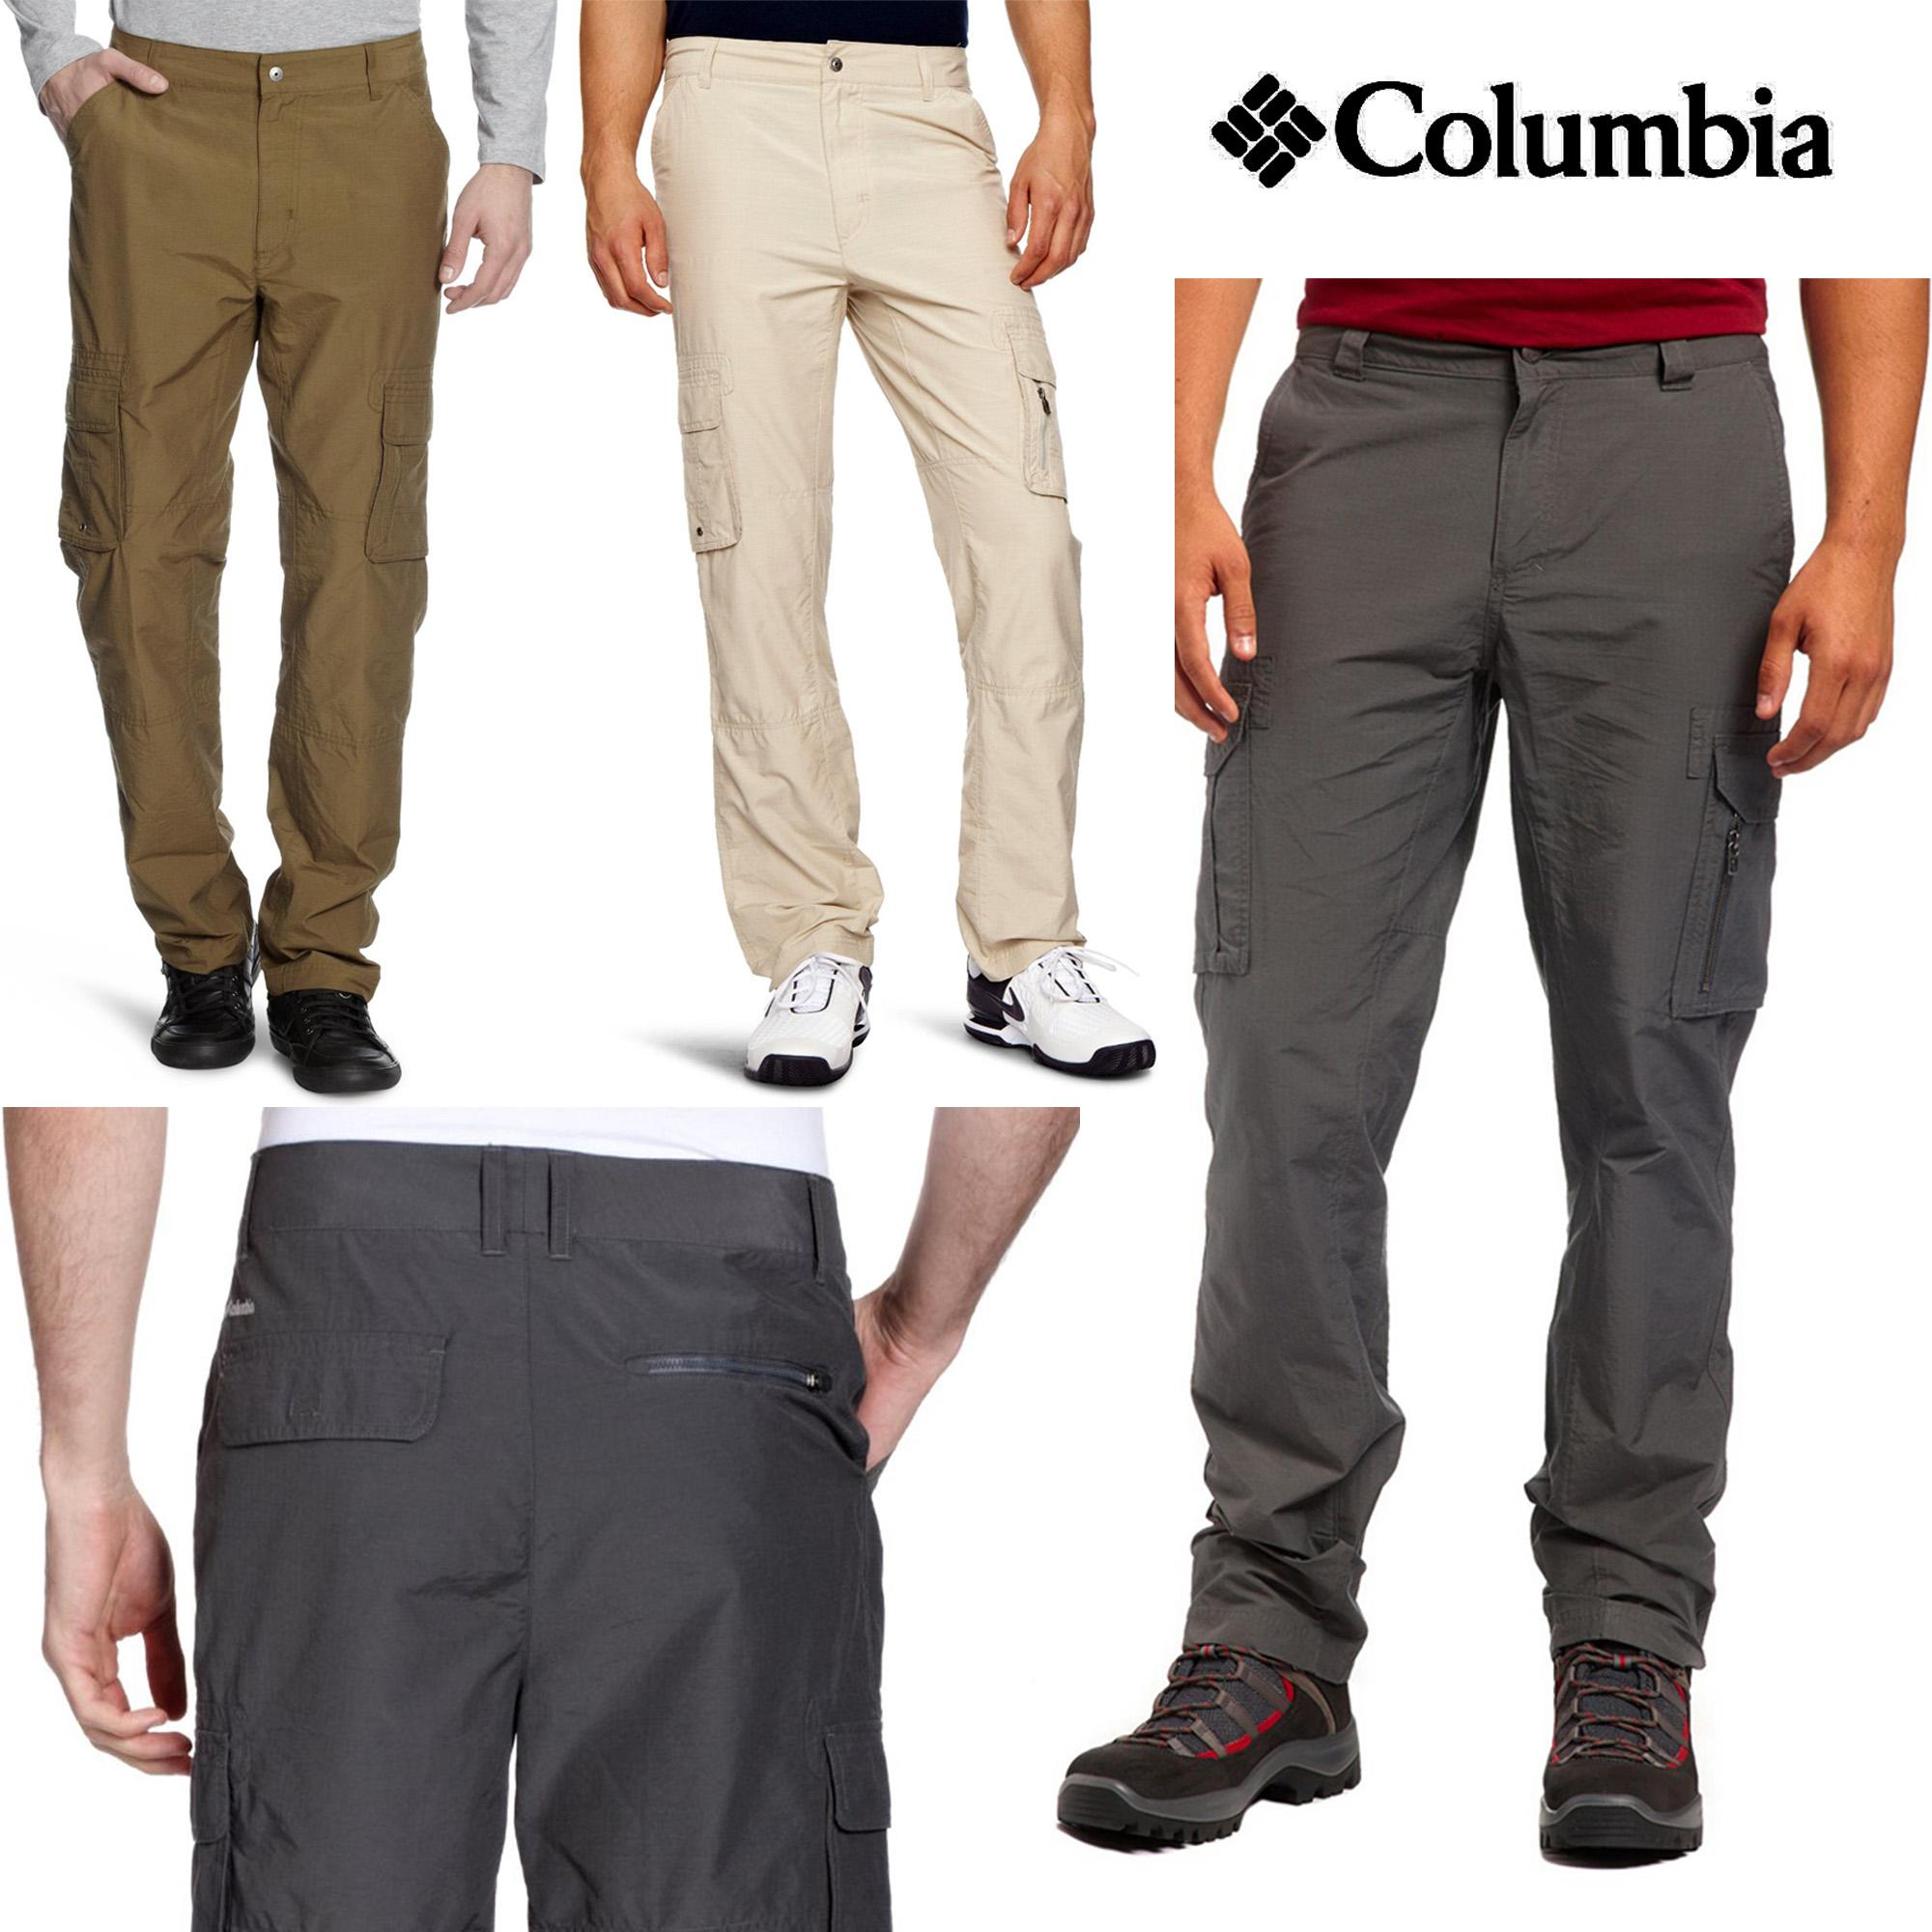 Columbia Kick Fix Cargo Pant